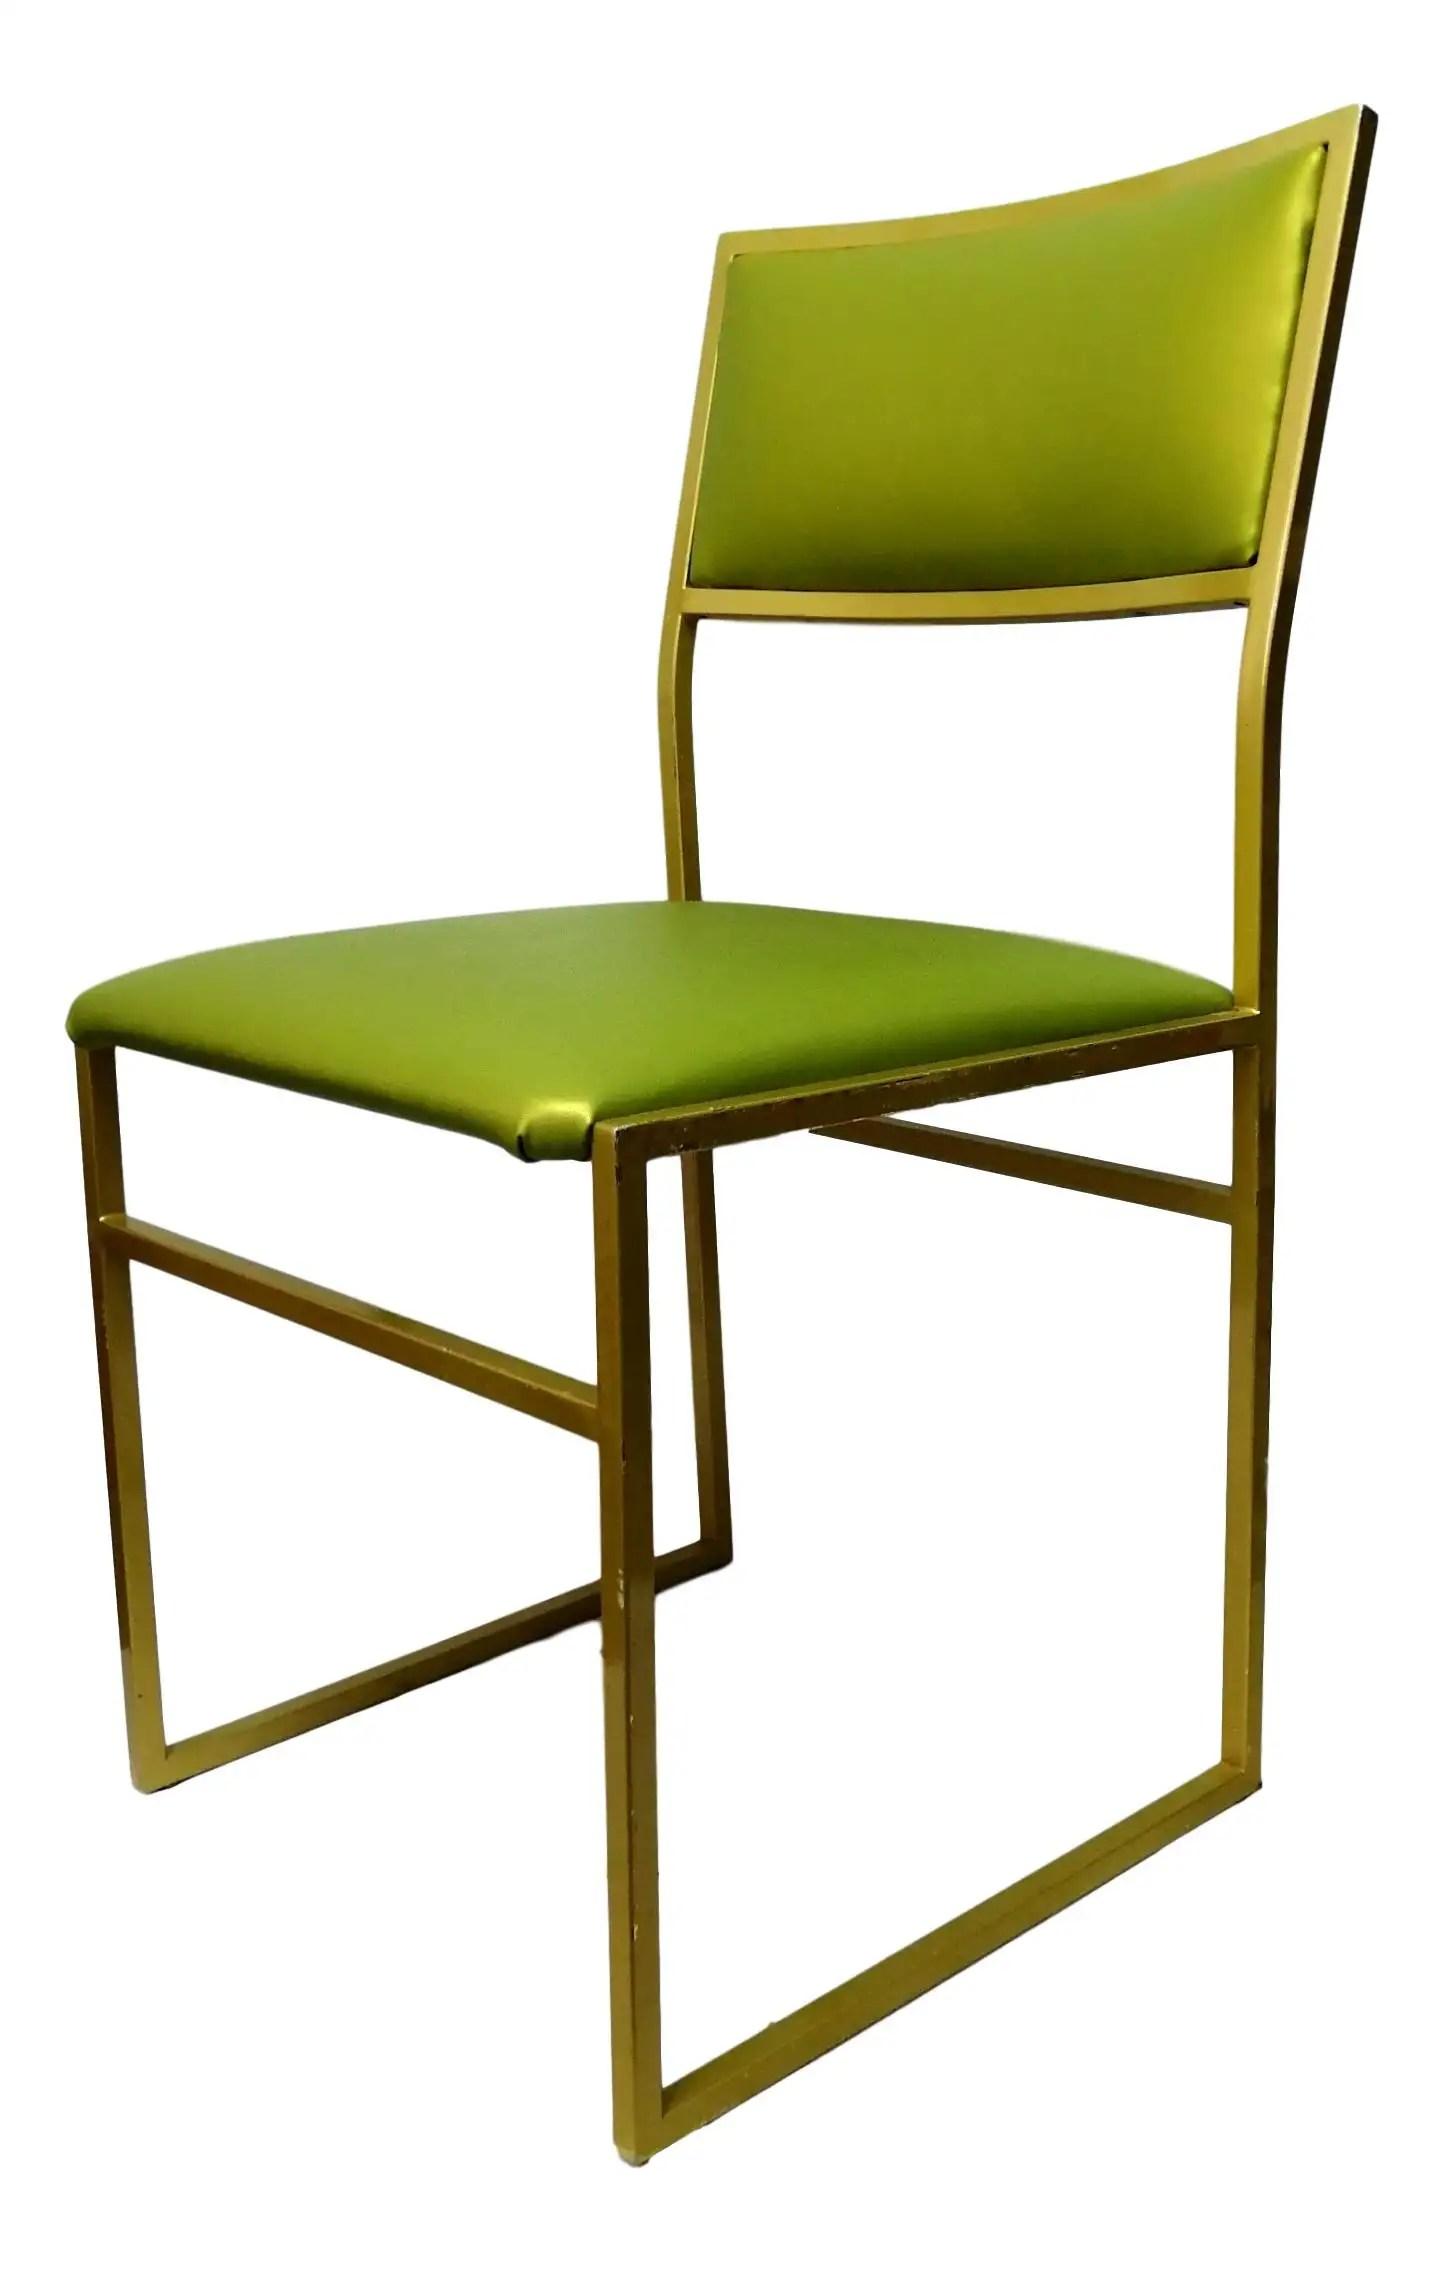 Set di 4 sedie di design romeo rega roma, con struttura in metallo cromato e tessuto scamosciato, in ottime condizioni, la tappezzeria è stata rifatta con stoffa identica come colore e materiale all'originale. Sedia Da Collezione Di Design Originale Anni 70 Vintage Esemplare Verde Ebay